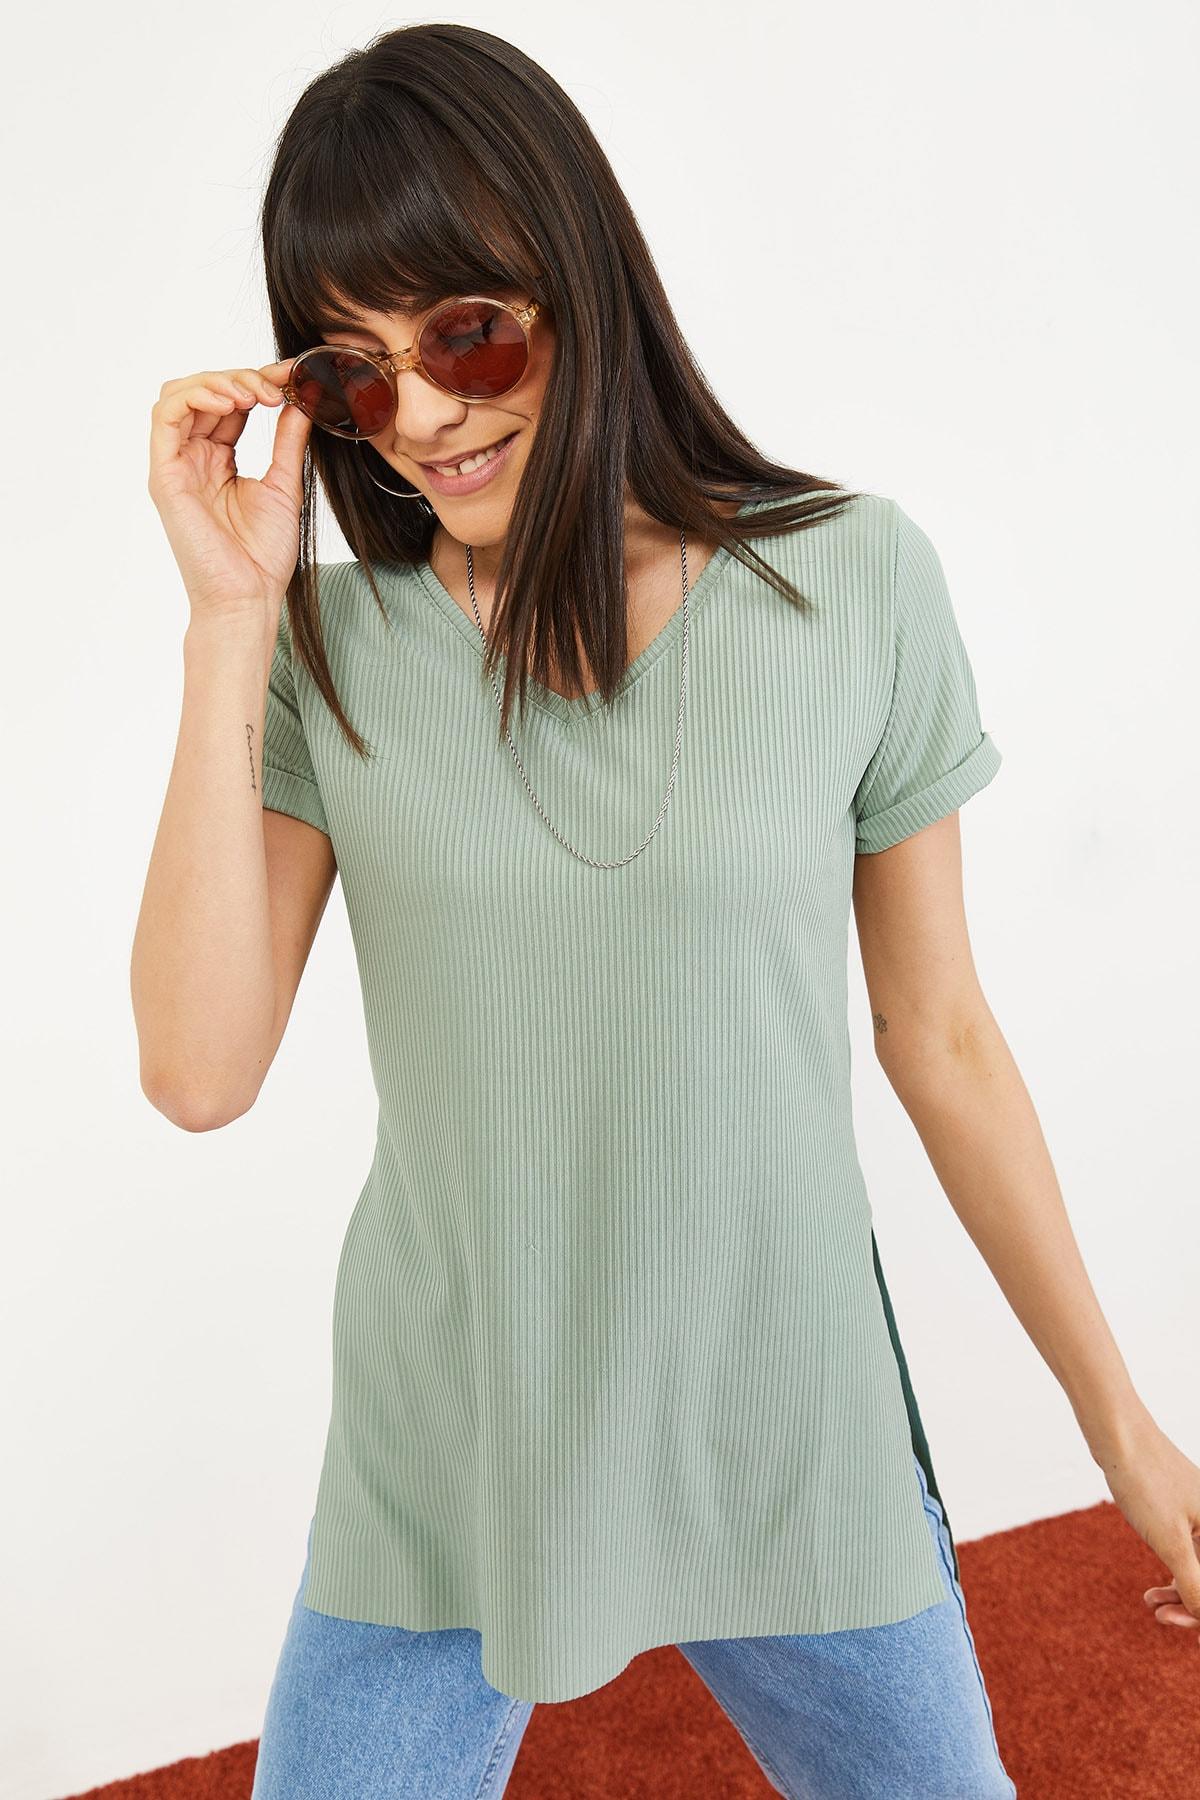 Bianco Lucci Kadın Mint Yeşili Kol Yan Yırtmaçlı Kol Detay Kaşkorse T-Shirt 10051012 4